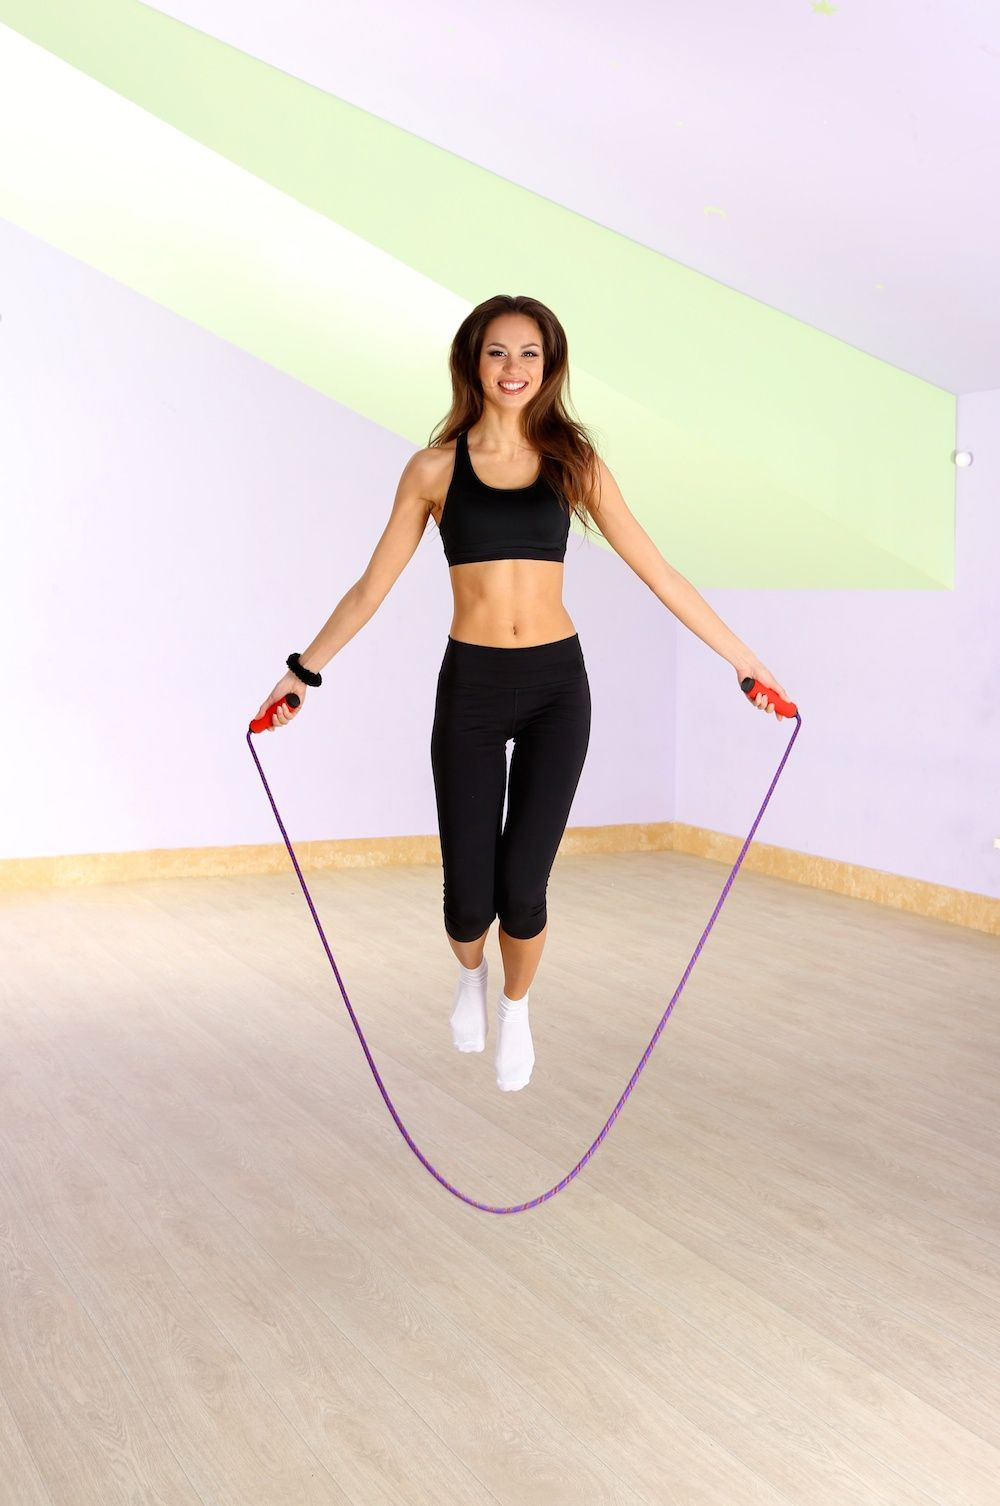 Скакалка Как Похудеть Питание. Прыжки на скакалке для похудения. Таблица против целлюлита, сколько сжигается калорий. Польза и вред, техника выполнения, результаты